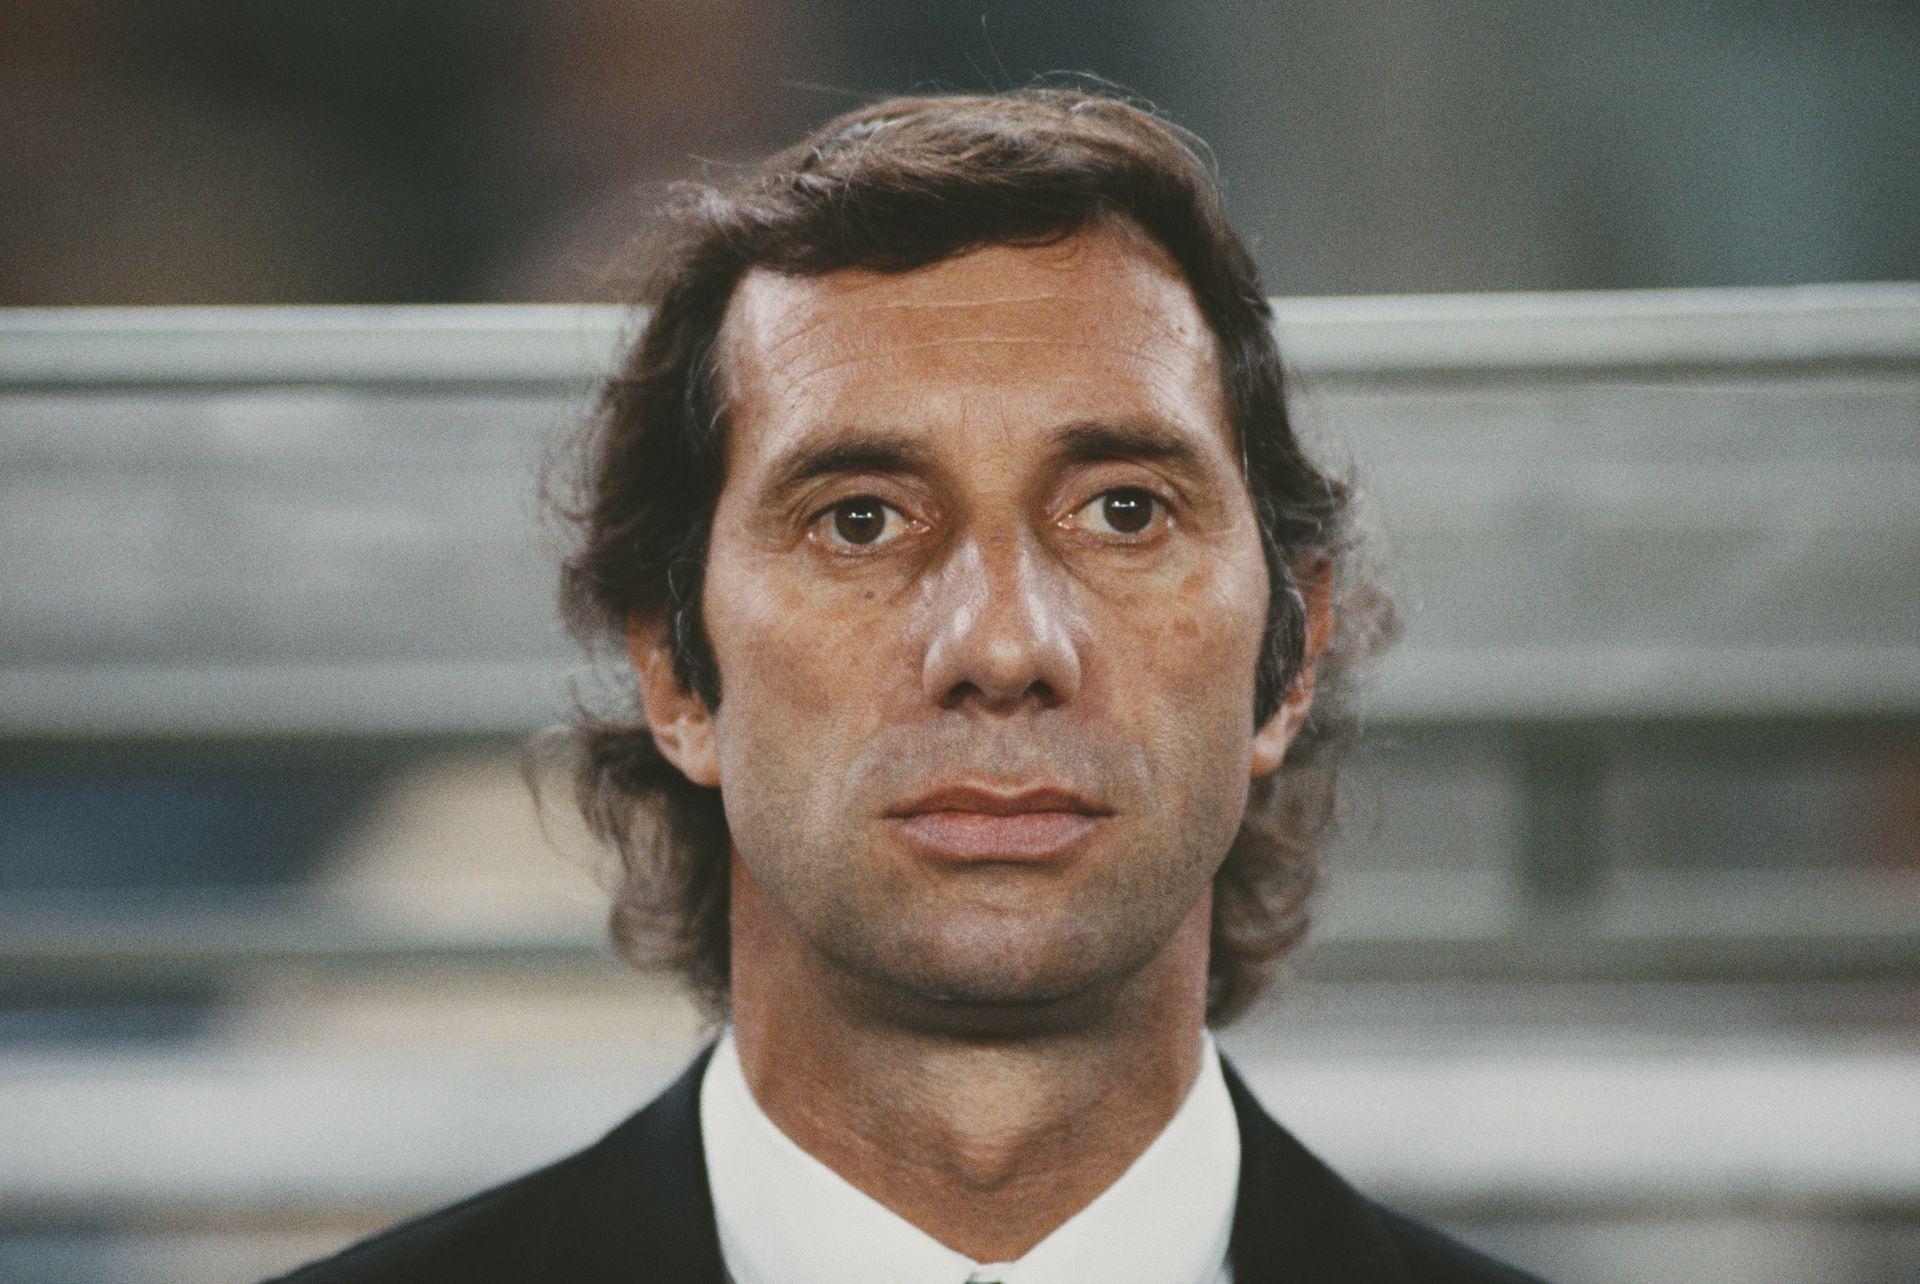 Карлос Билардо, треньорът-световен шампион от 1986-а, загубил позорно на старта на Мондиал 1990. Но въпреки това извел отбора до нов финал, този път - загубен.